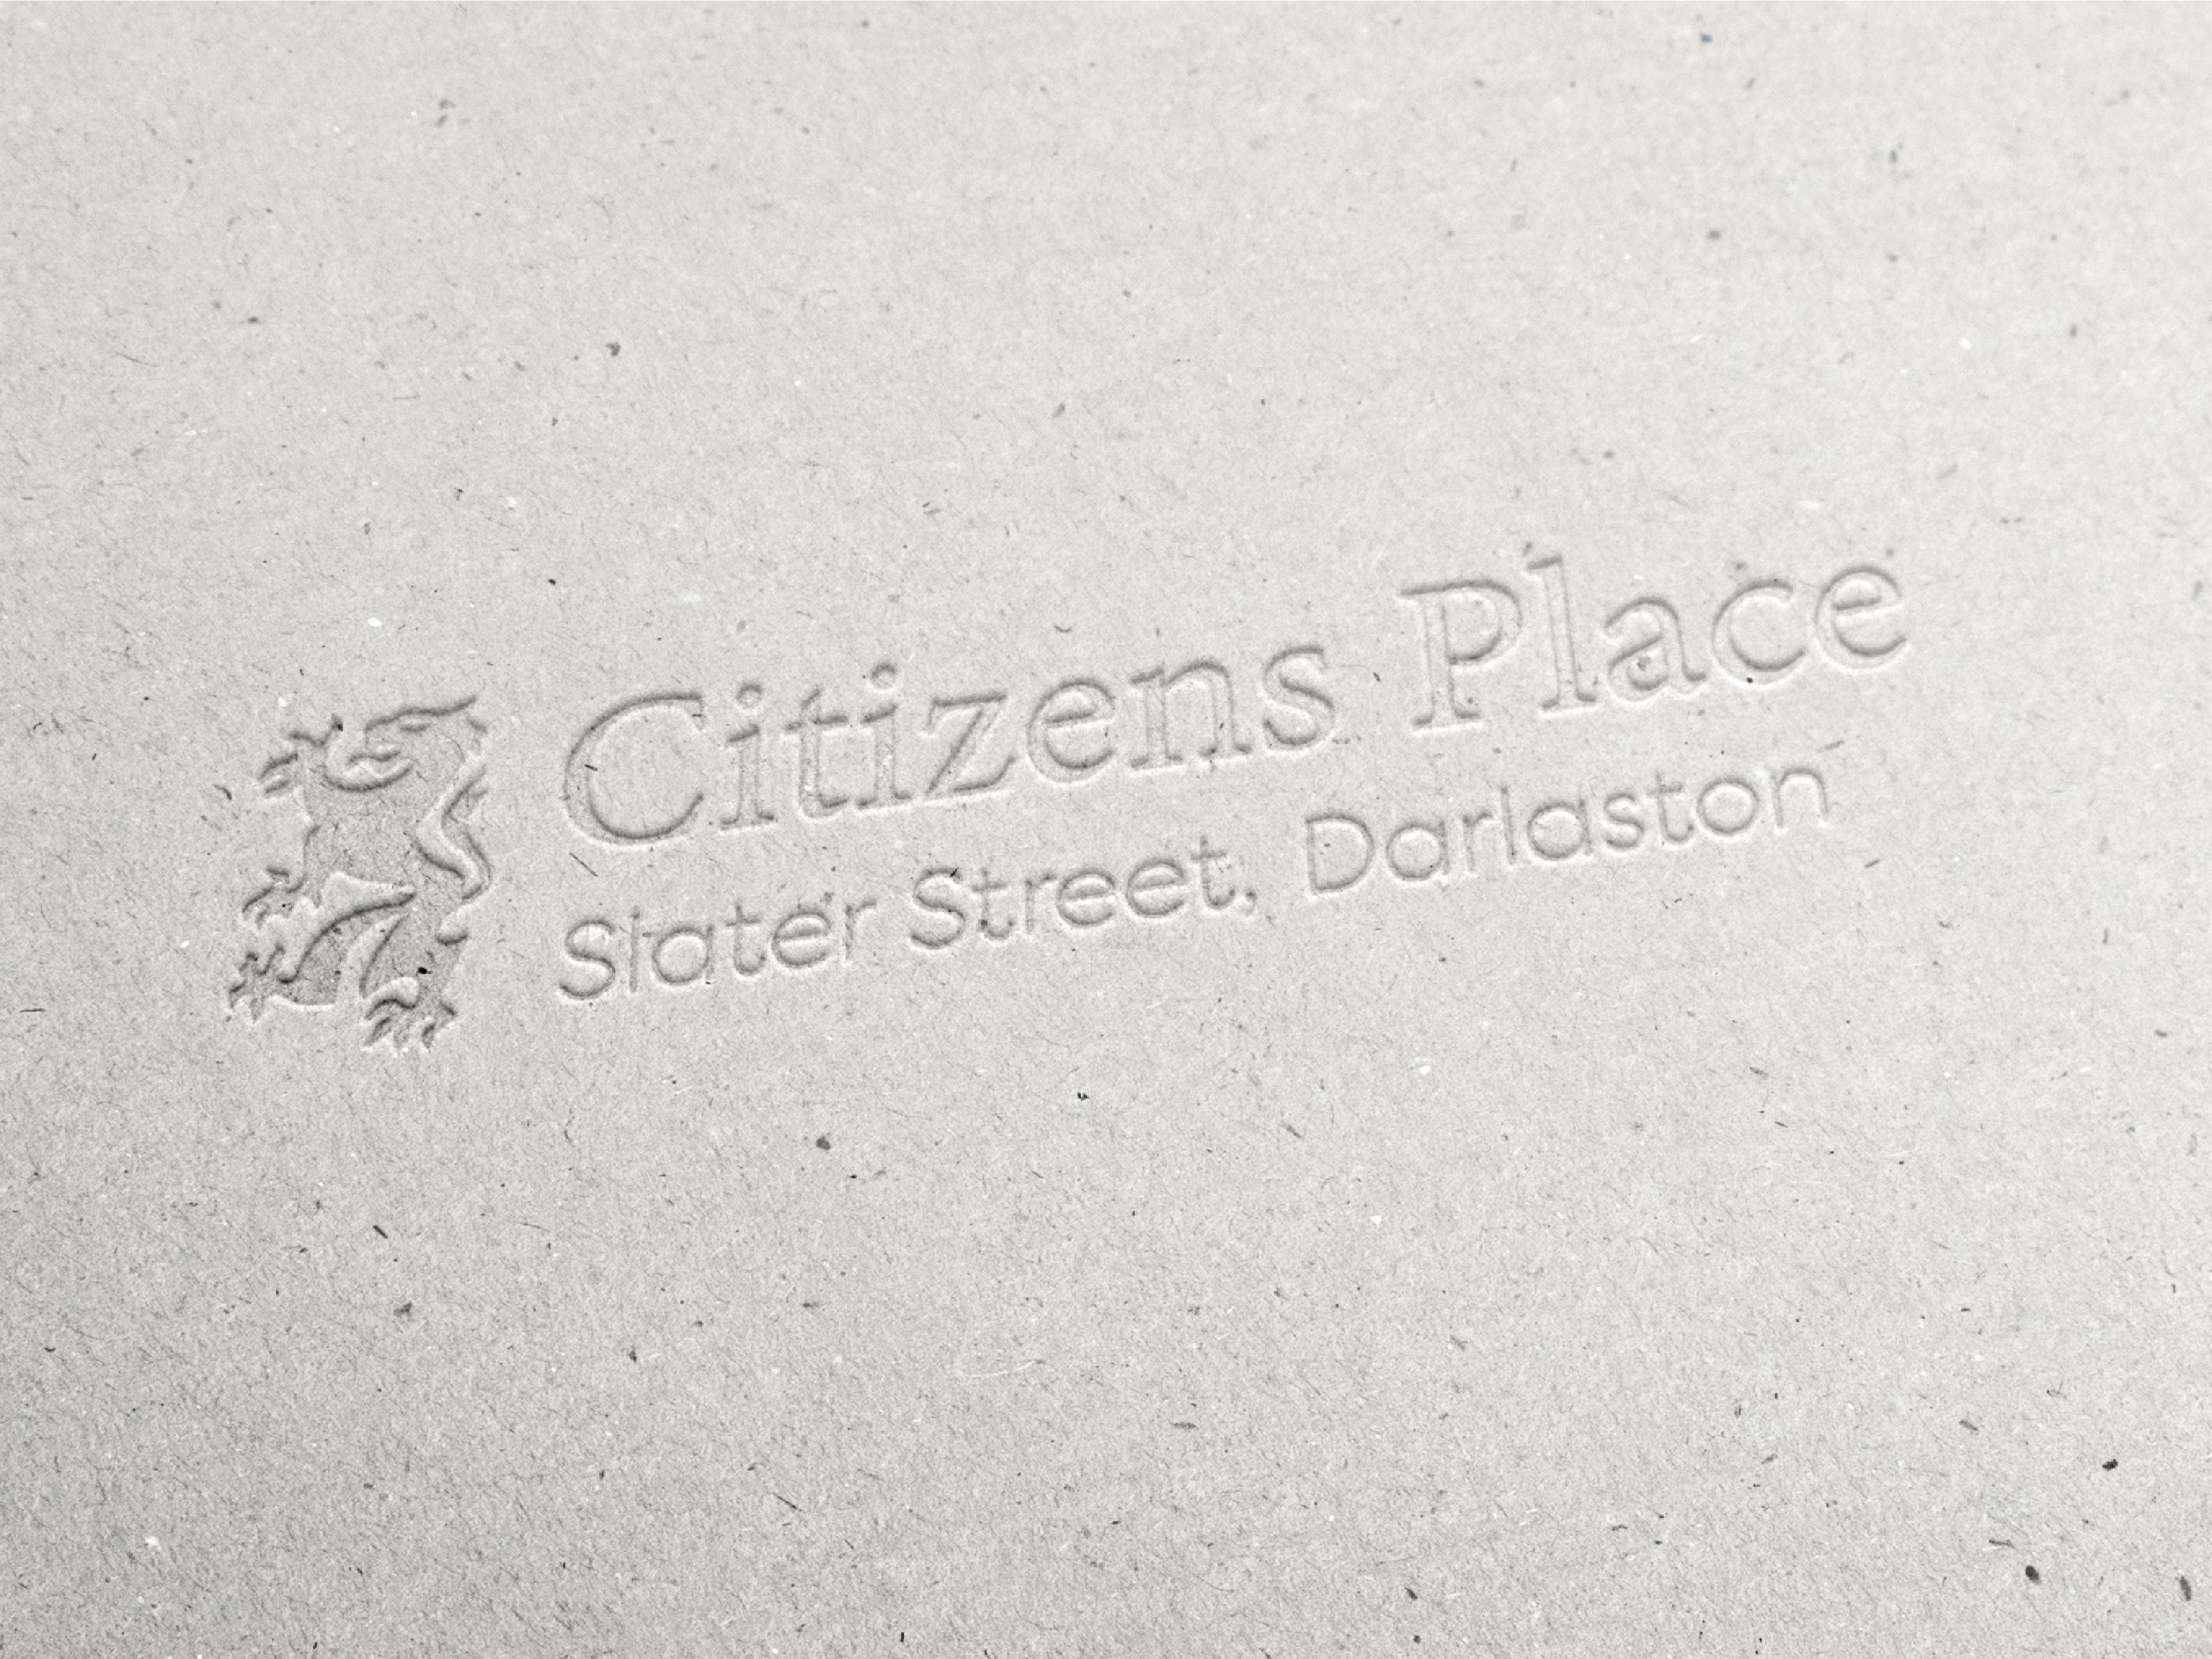 Citizen Place logo